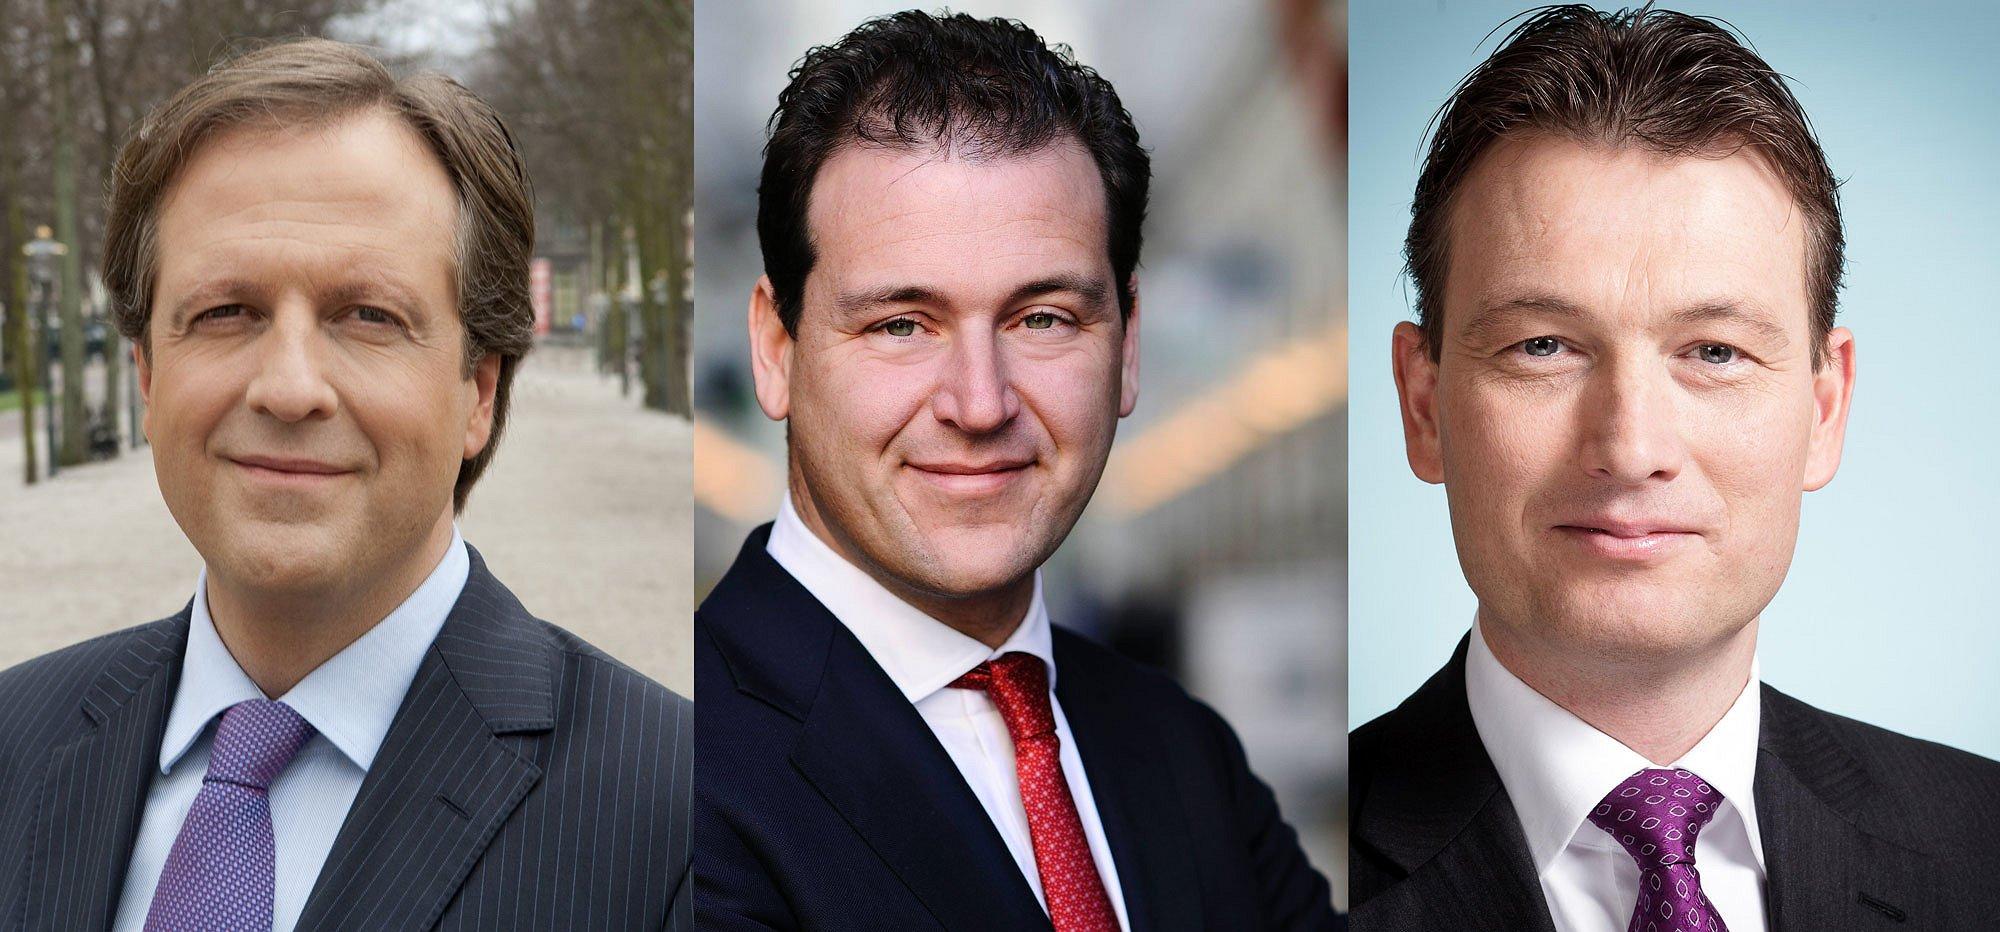 Asscher, Pechtold en Zijlstra bij COC's Verkiezingsdebat 2017